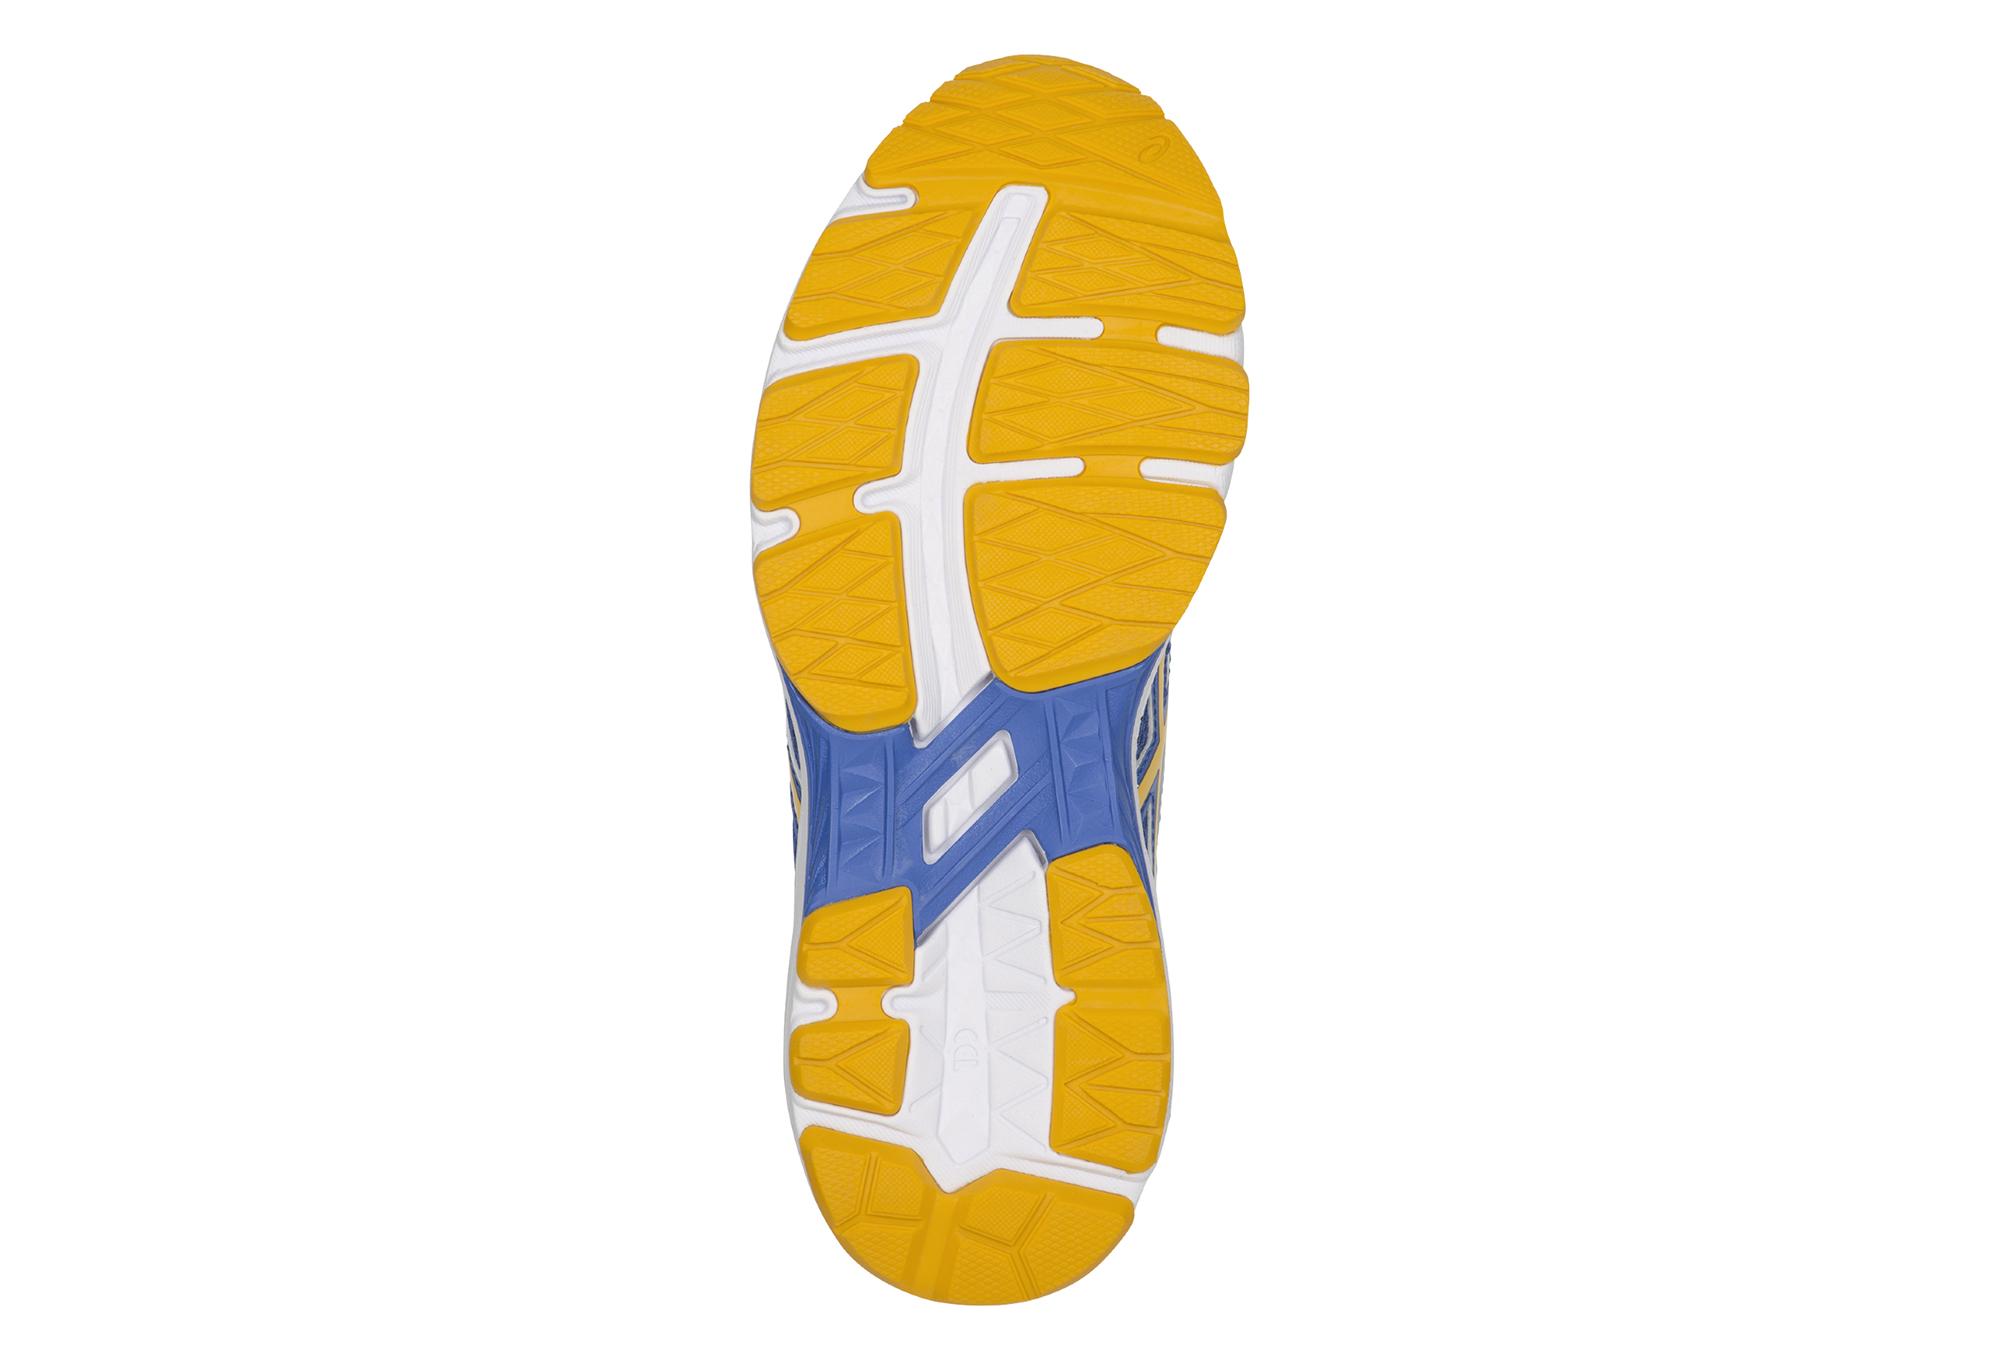 699afc7606e Zapatillas Asics GT-1000 6 GS para Niño Azul   Amarillo